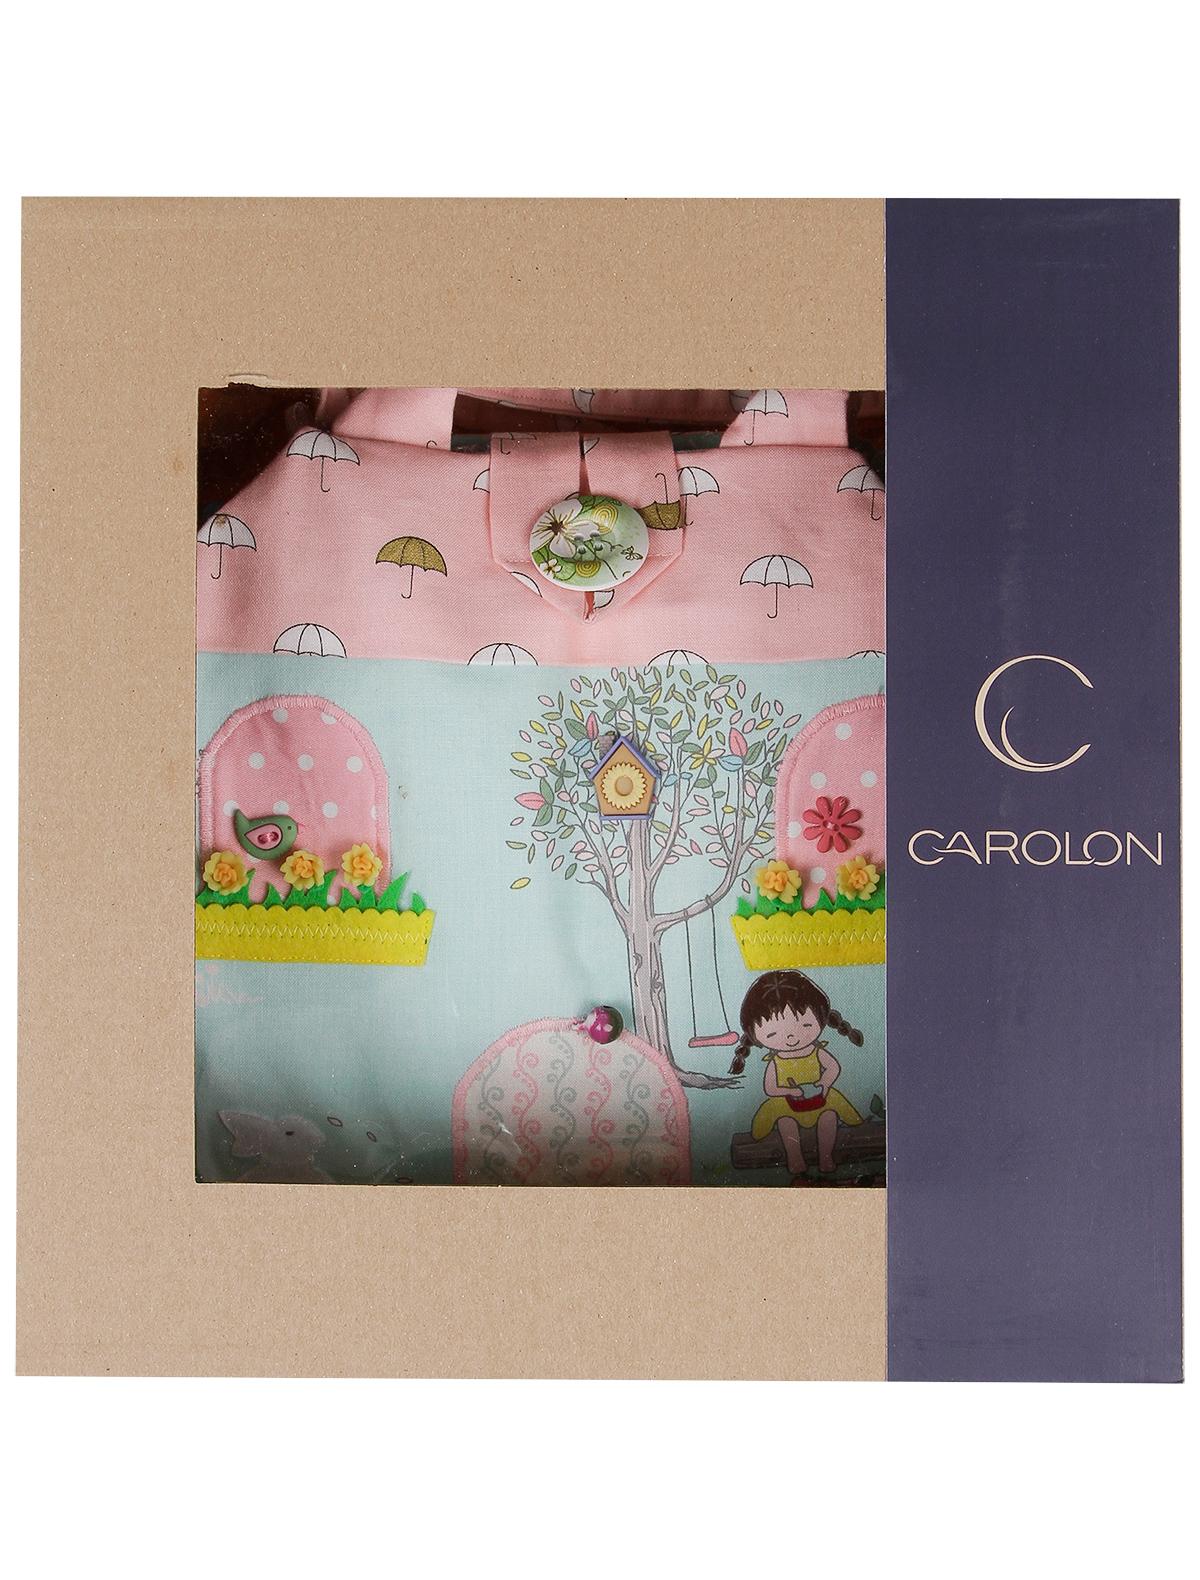 Купить 2213831, Игрушка мягкая Carolon, разноцветный, 7124520070466